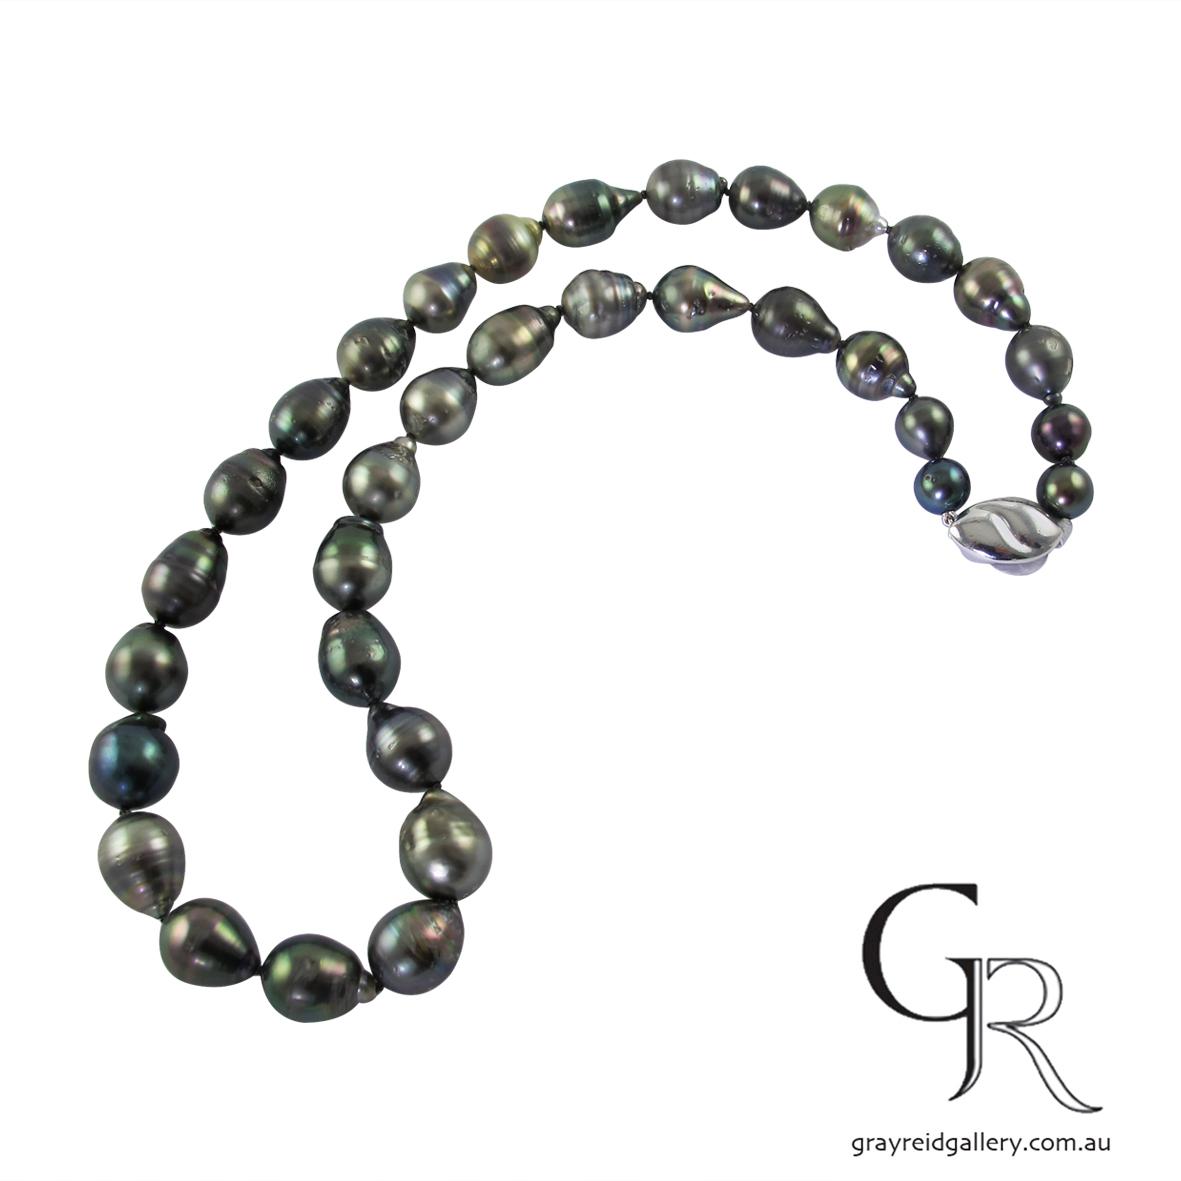 tahitian pearls melbourne baroque Gray Reid Gallery.jpg